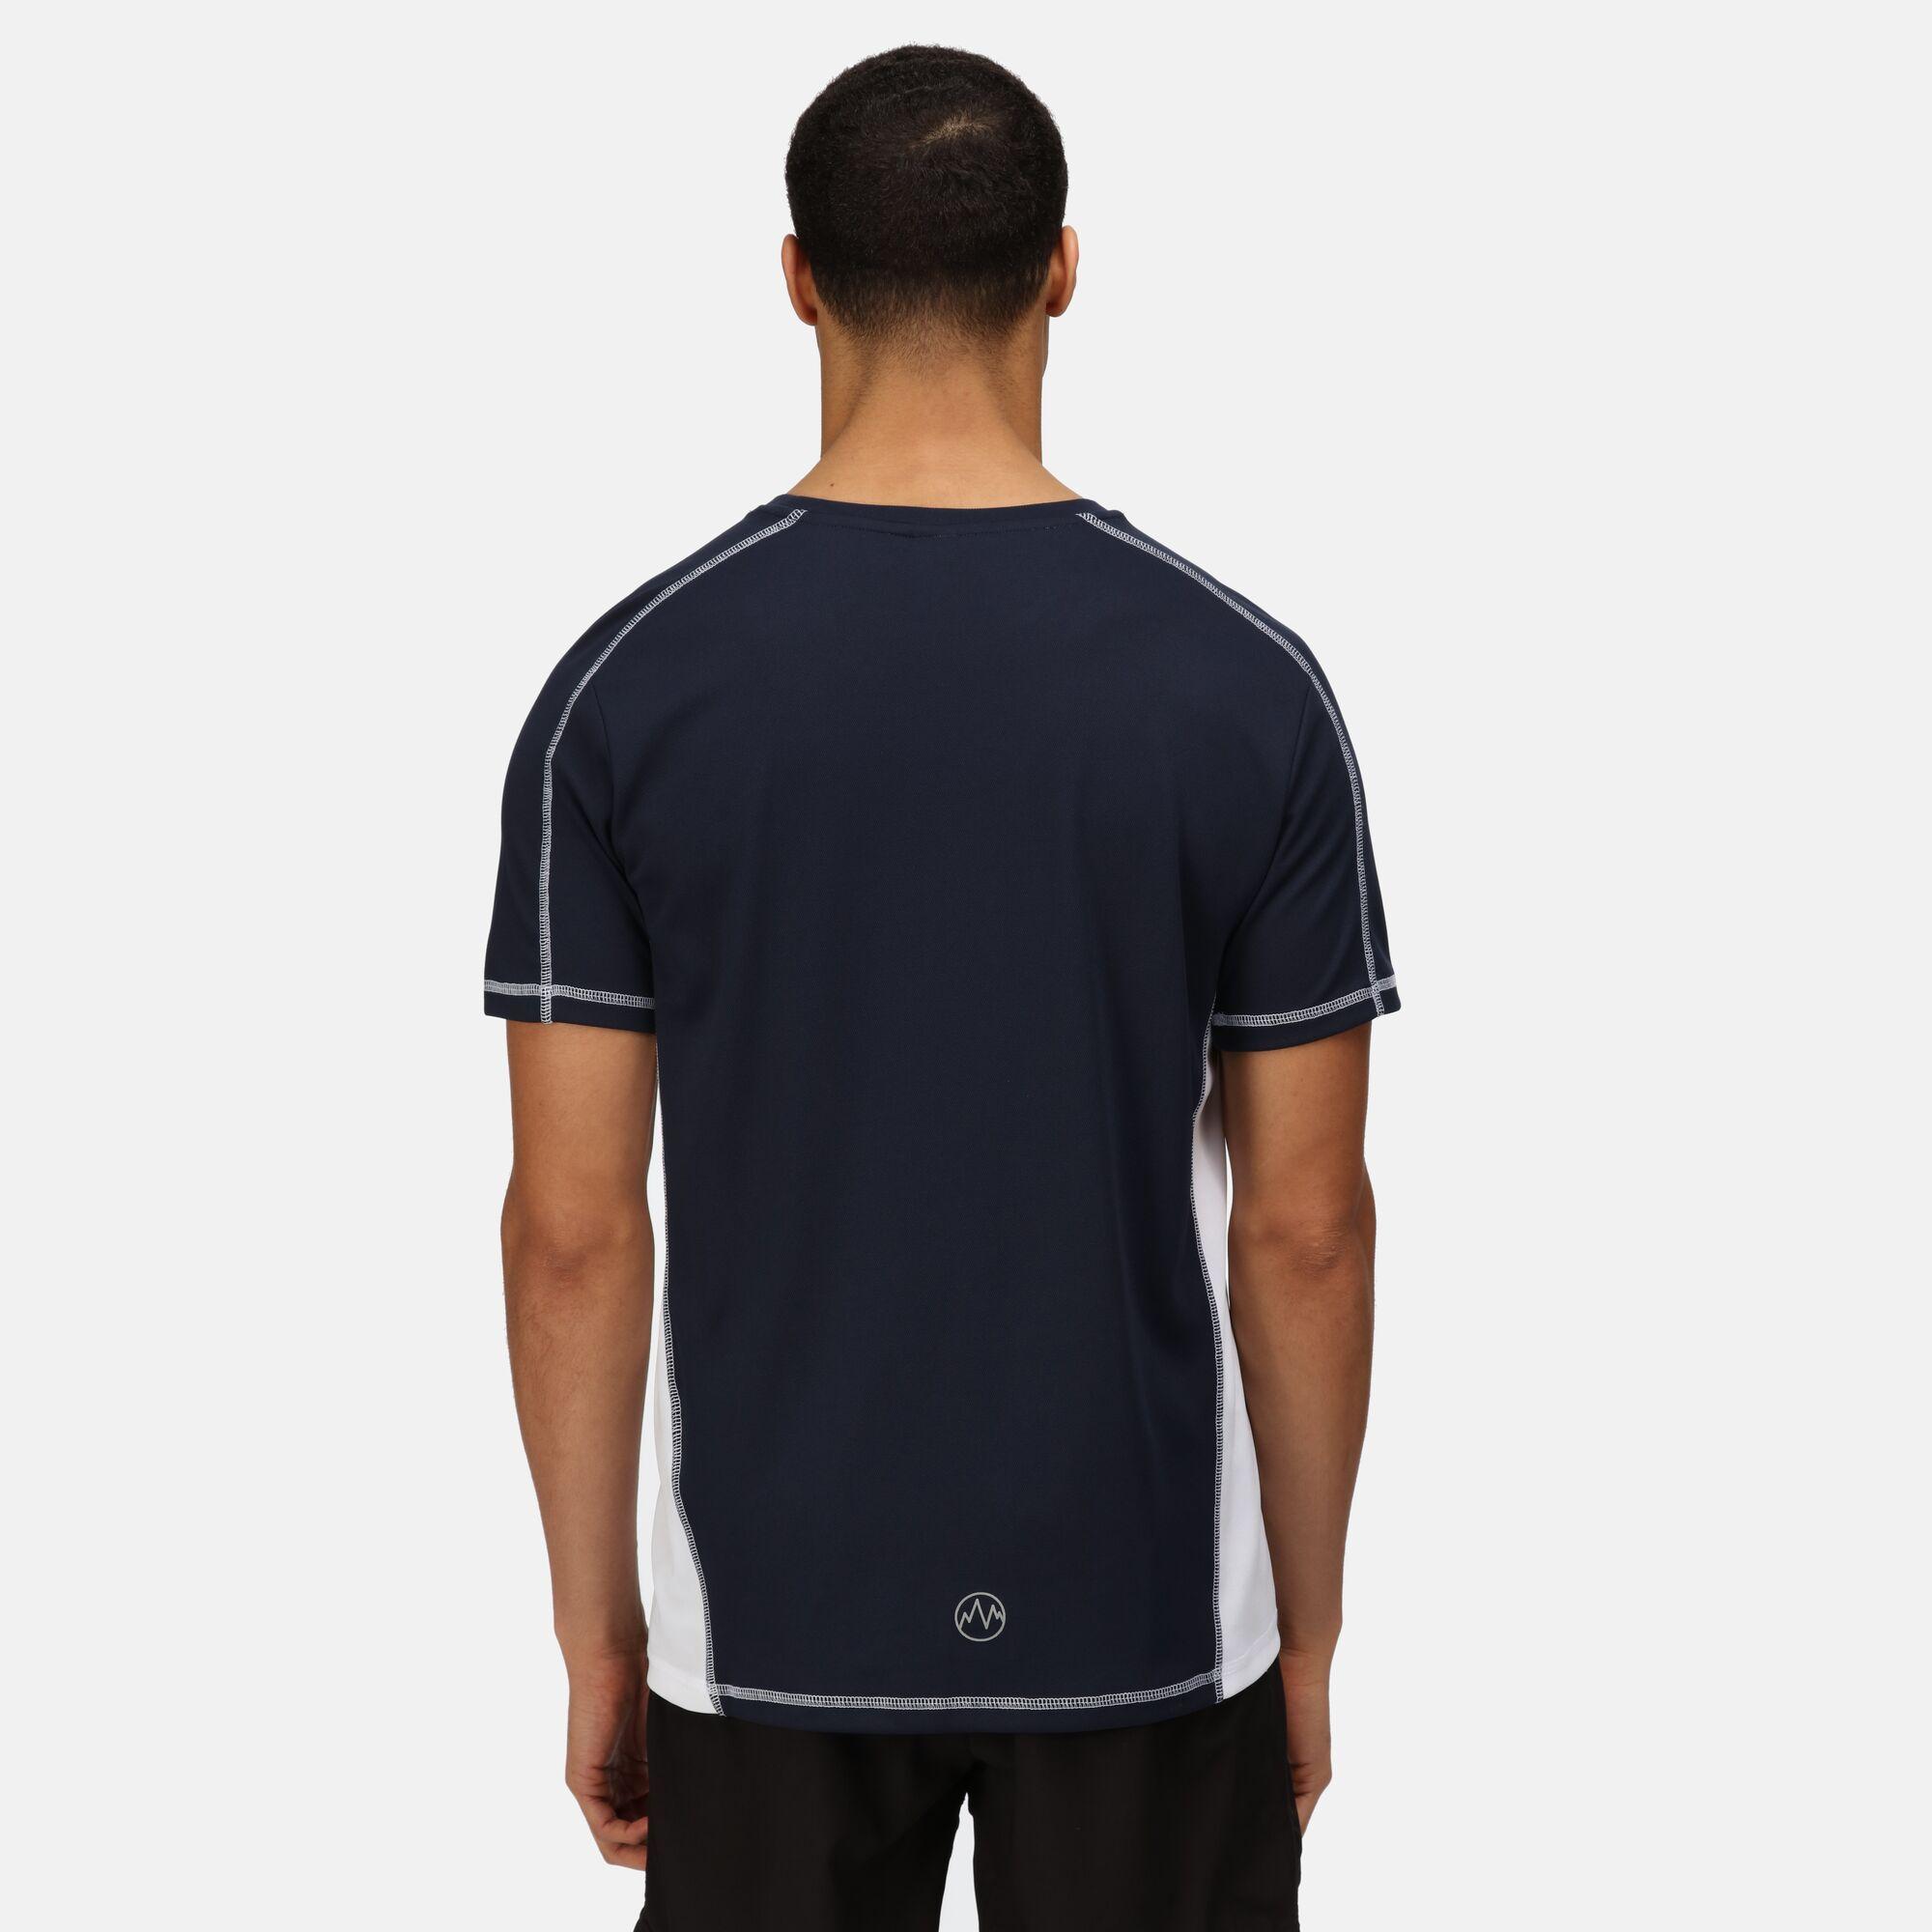 regatta -  T-Shirt Activewear Herren Kurzarm- Beijing